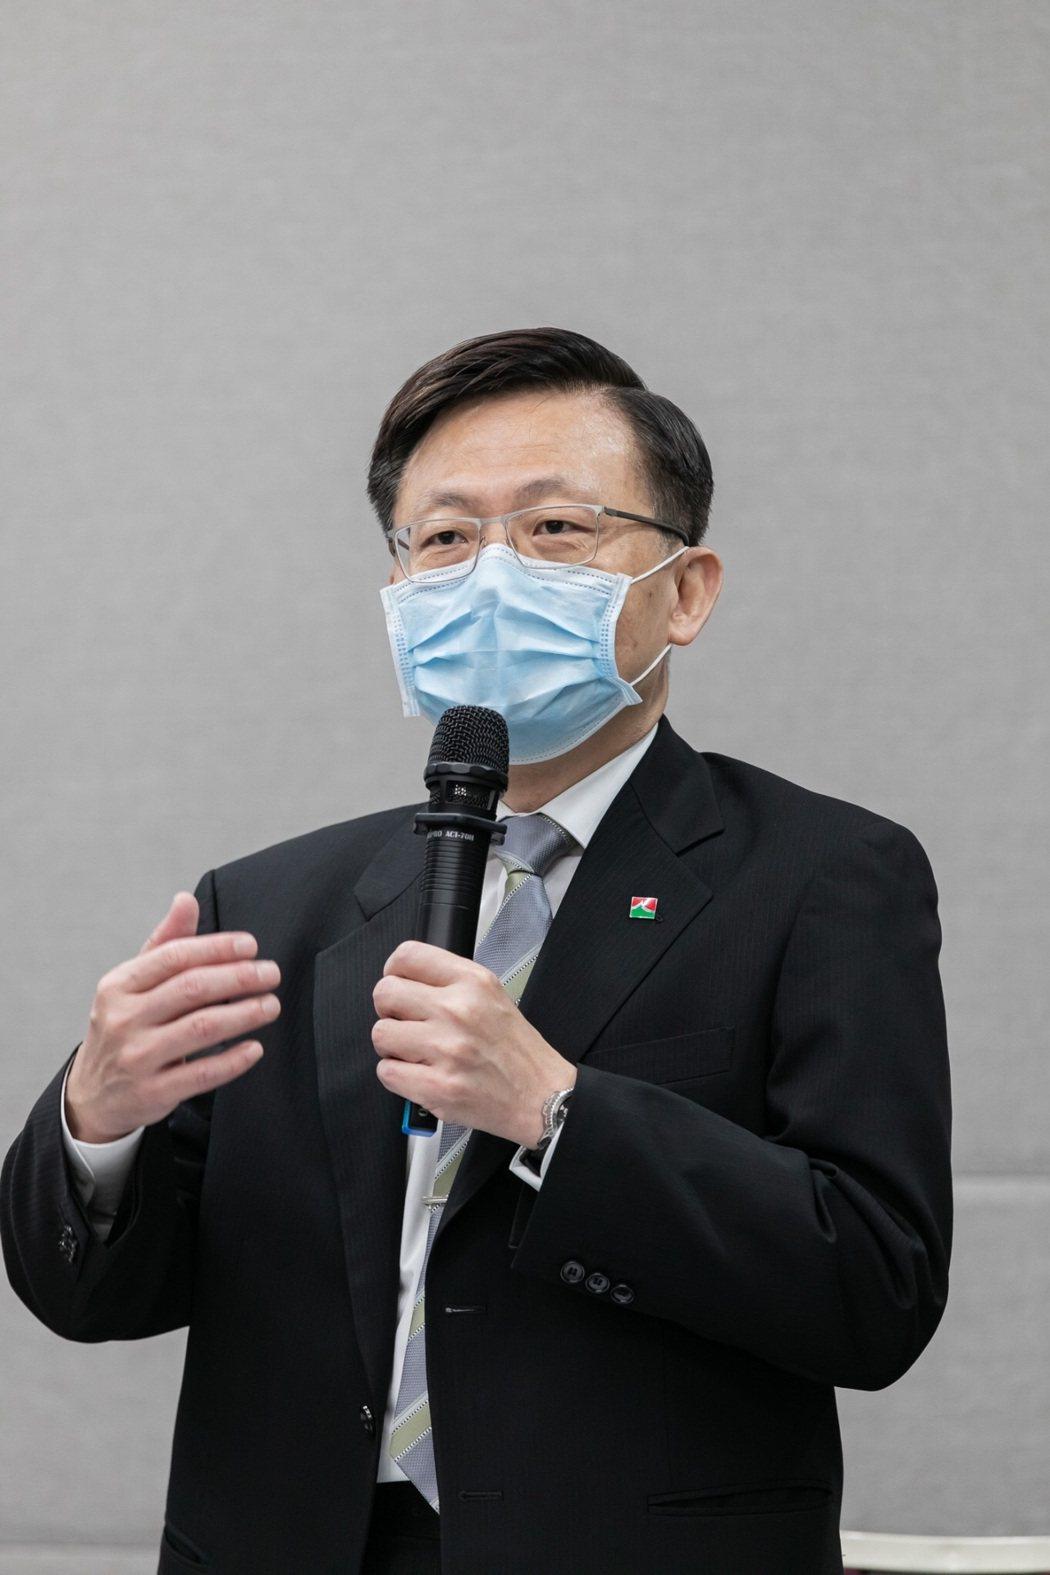 信義房屋董事長薛健平主持109年信義房屋股東常會。 信義房屋/提供